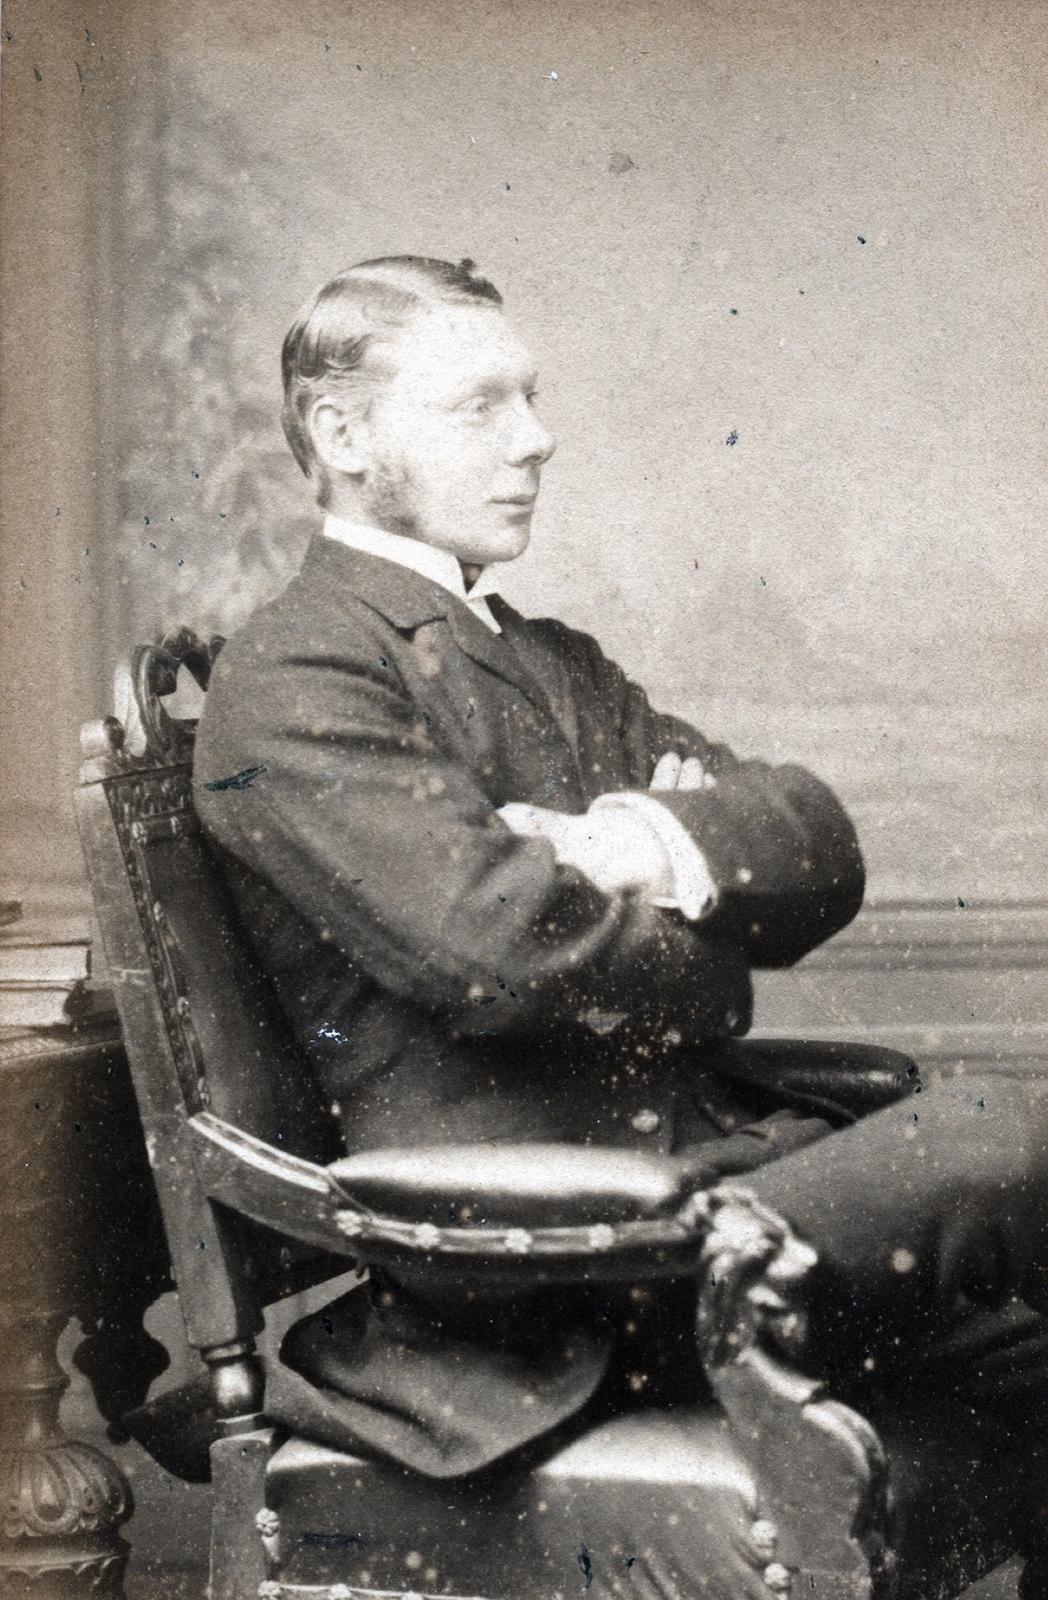 1880. Хью Сесил Лоутер — английский дворянин и спортсмен, 5-й граф Лонсдейла